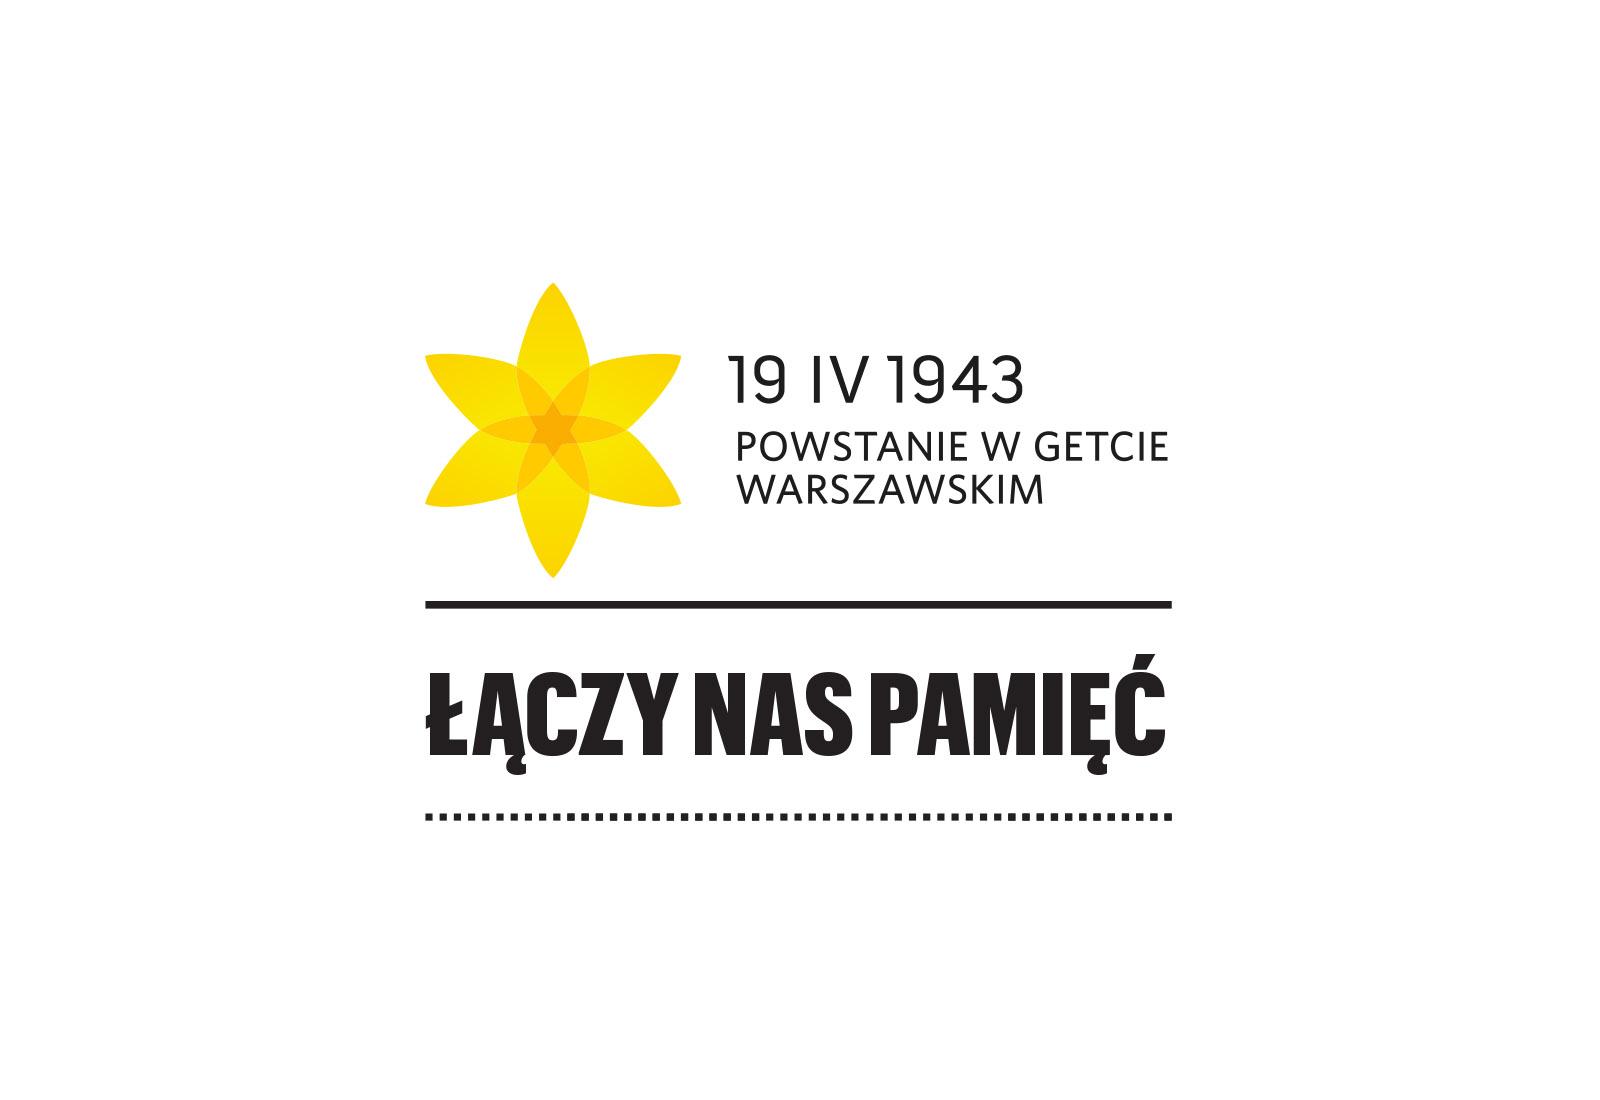 grafika promująca Akcję Żonkile, na białym tle żółty żonkil i tekst 19 IV 1943 Powstanie w getcie warszawskim, pod spodem napis Łączy nas Pamięć